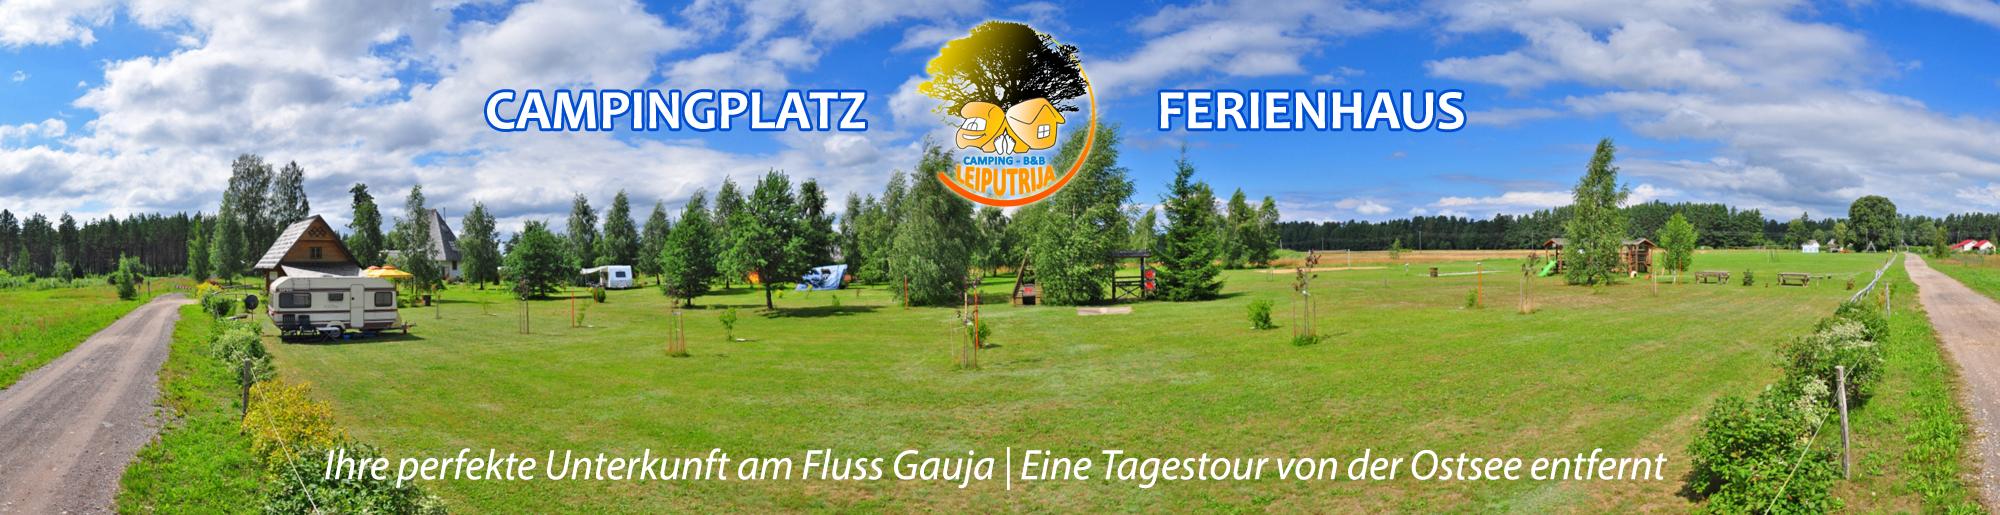 Campingplatz-Leiputrija-in-der-nahe-von-riga-sigulda-Ferienhaus-DE